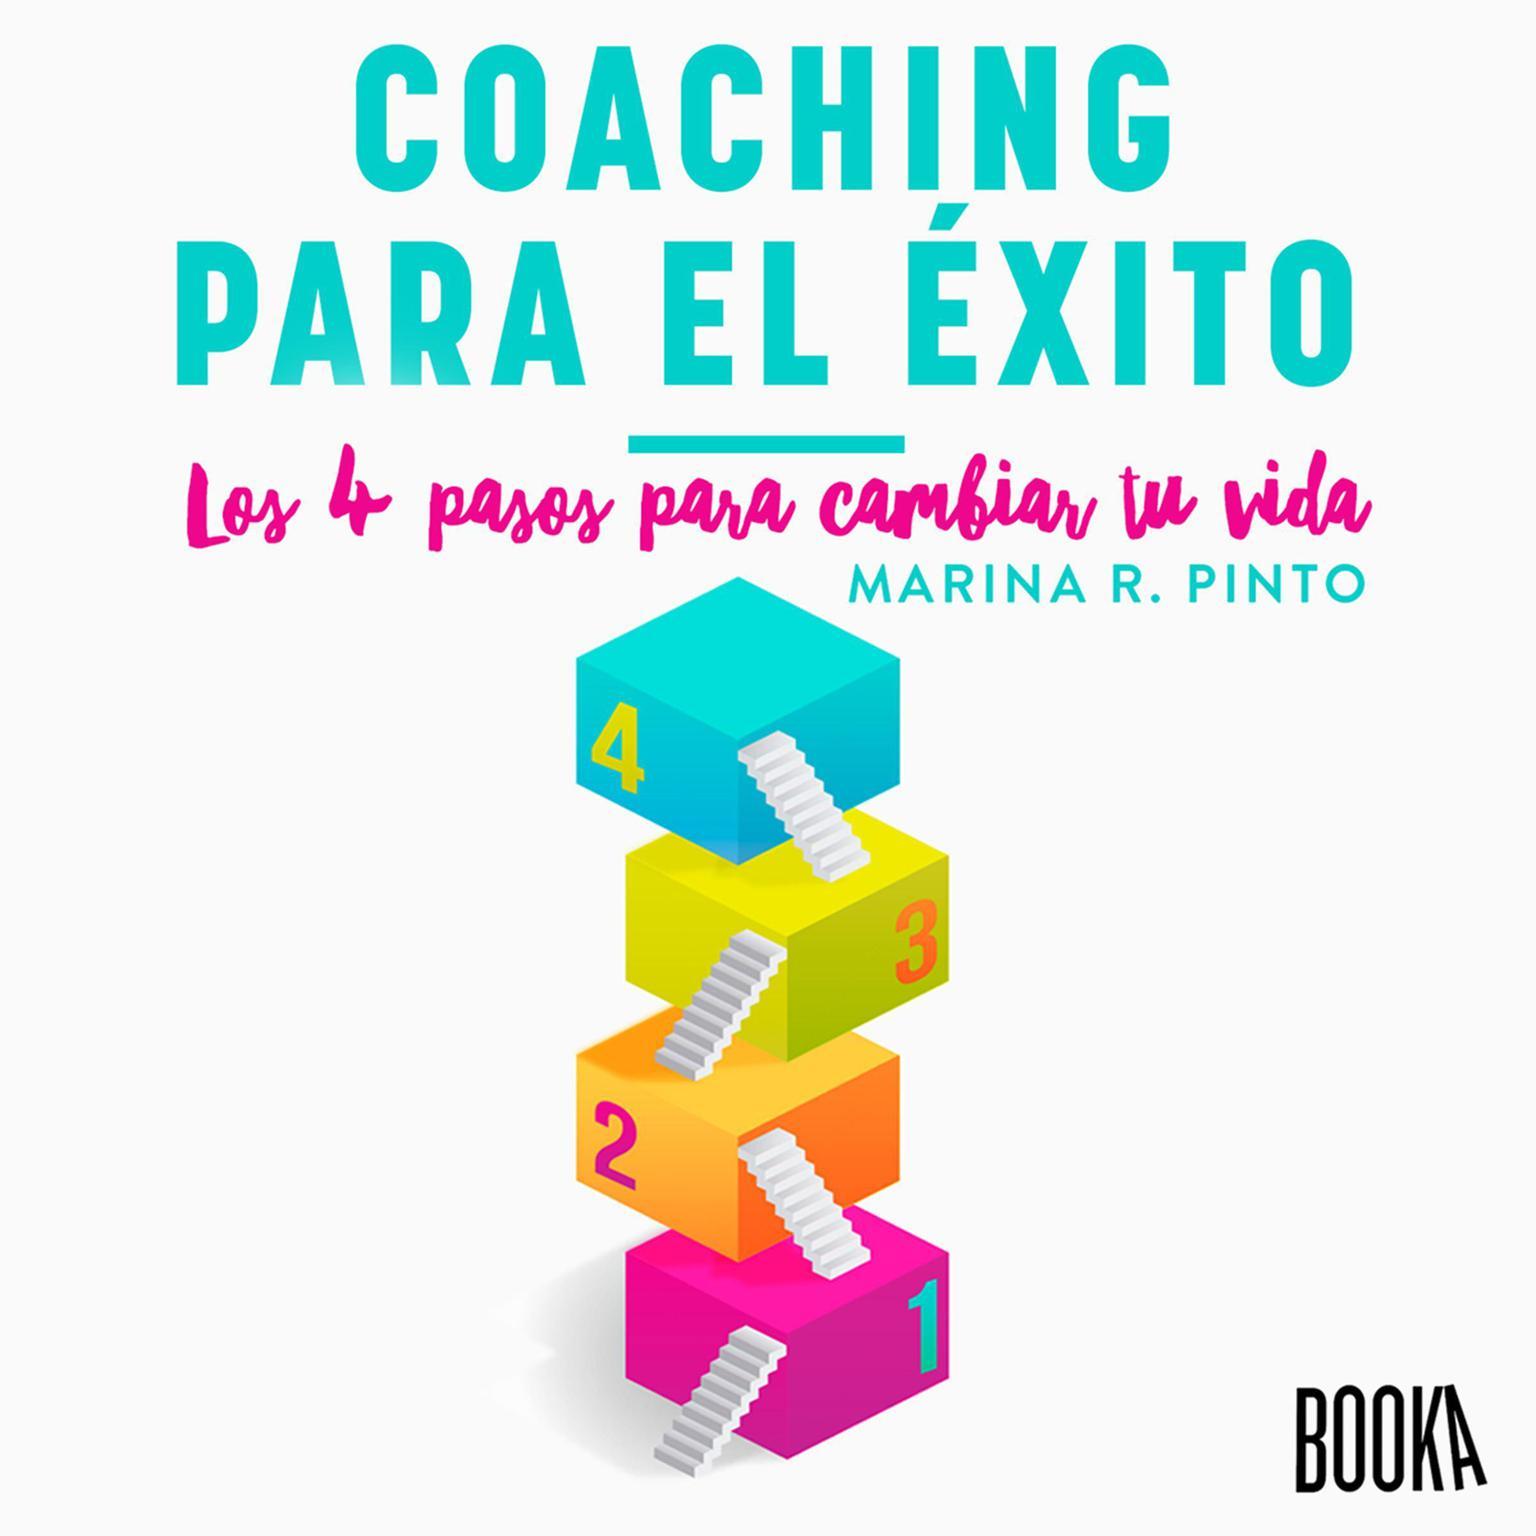 Coaching para el éxito: Los 4 pasos para cambiar tu vida Audiobook, by Marina R. Pinto